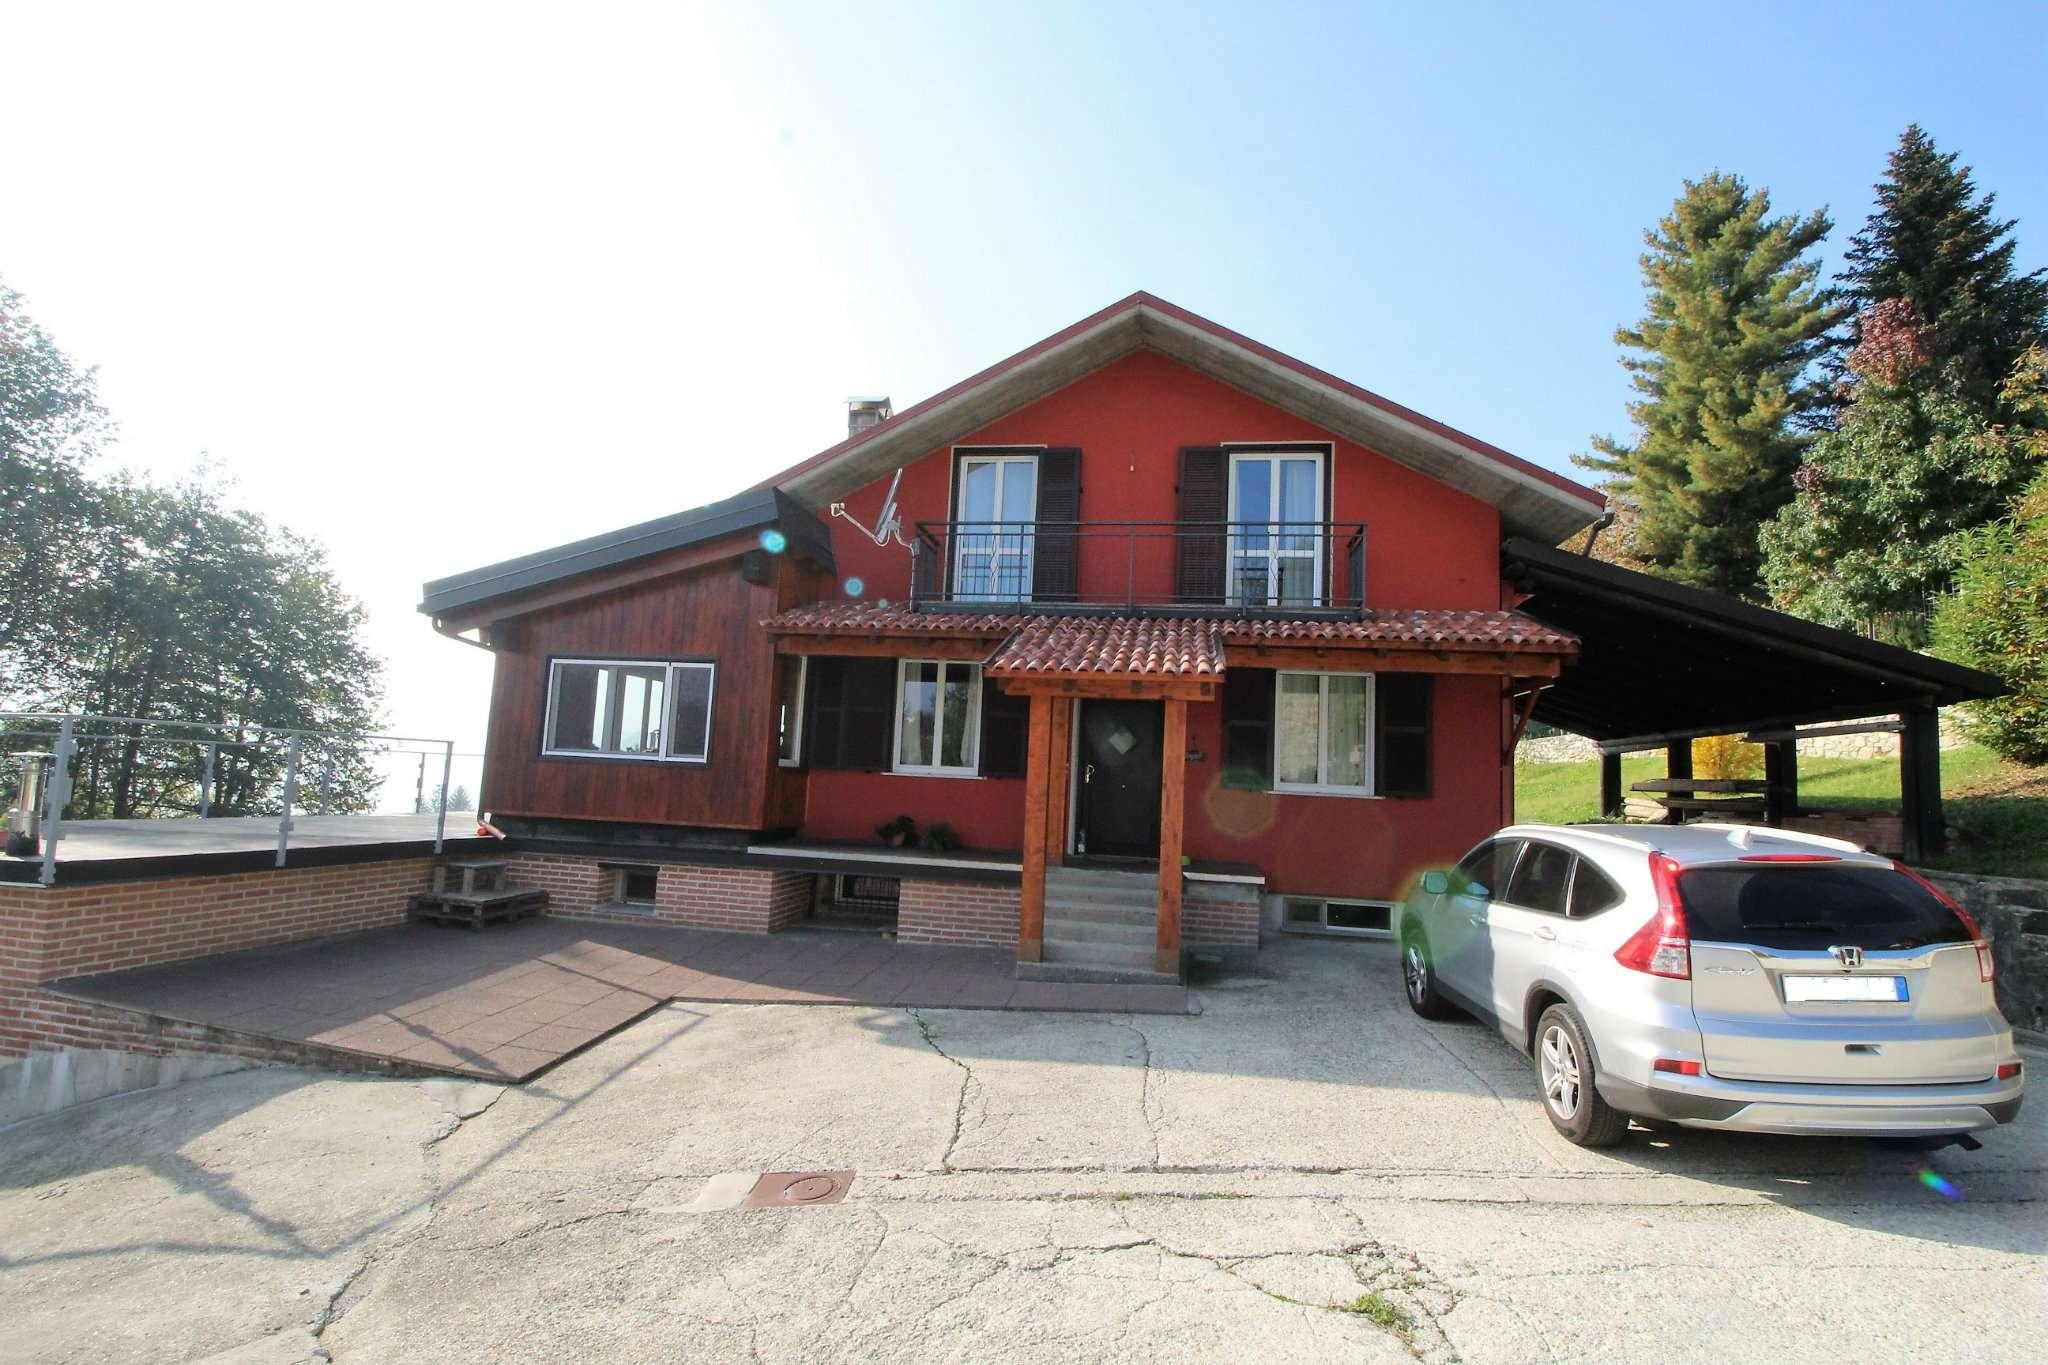 Villa in vendita a Roburent, 9 locali, prezzo € 345.000 | CambioCasa.it